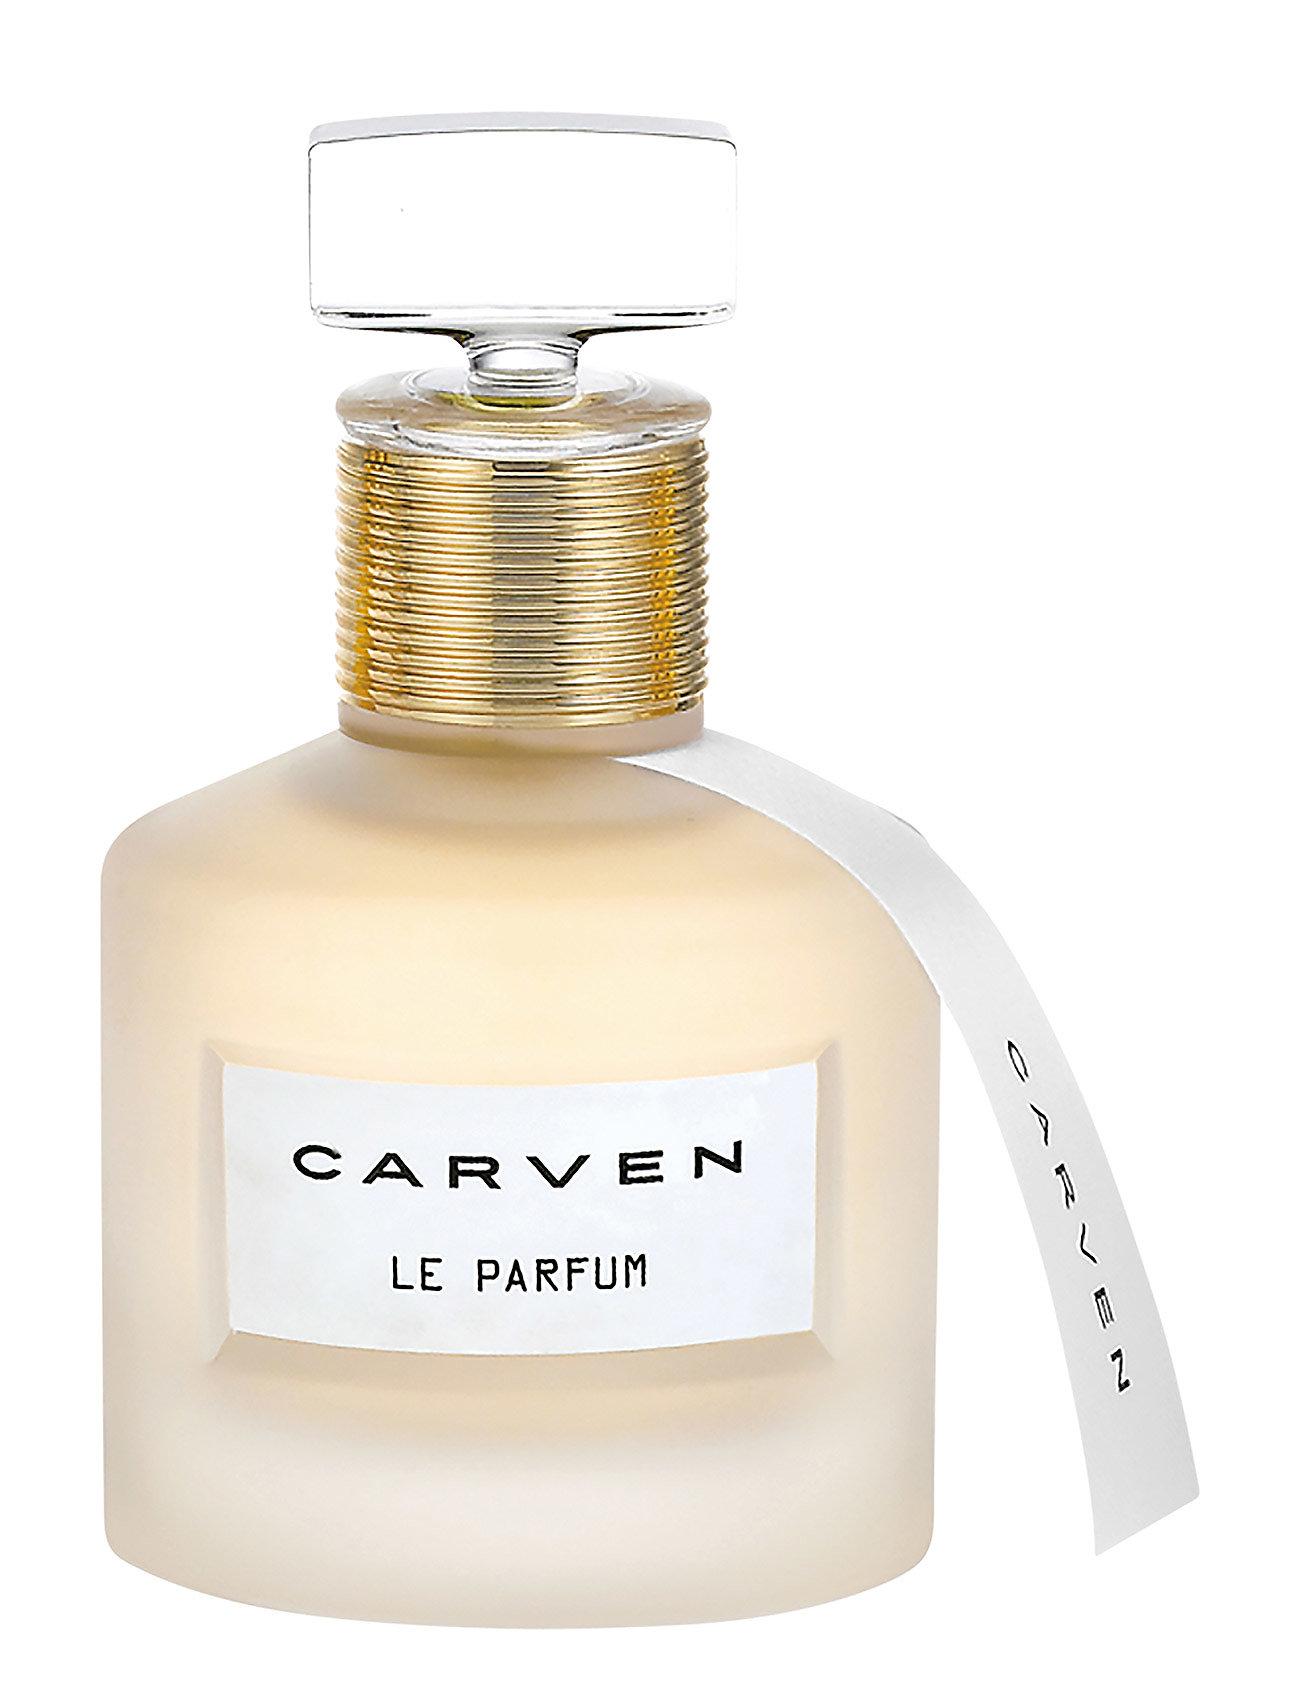 Carven Le Parfum EDP Spray 50mL - CLEAR